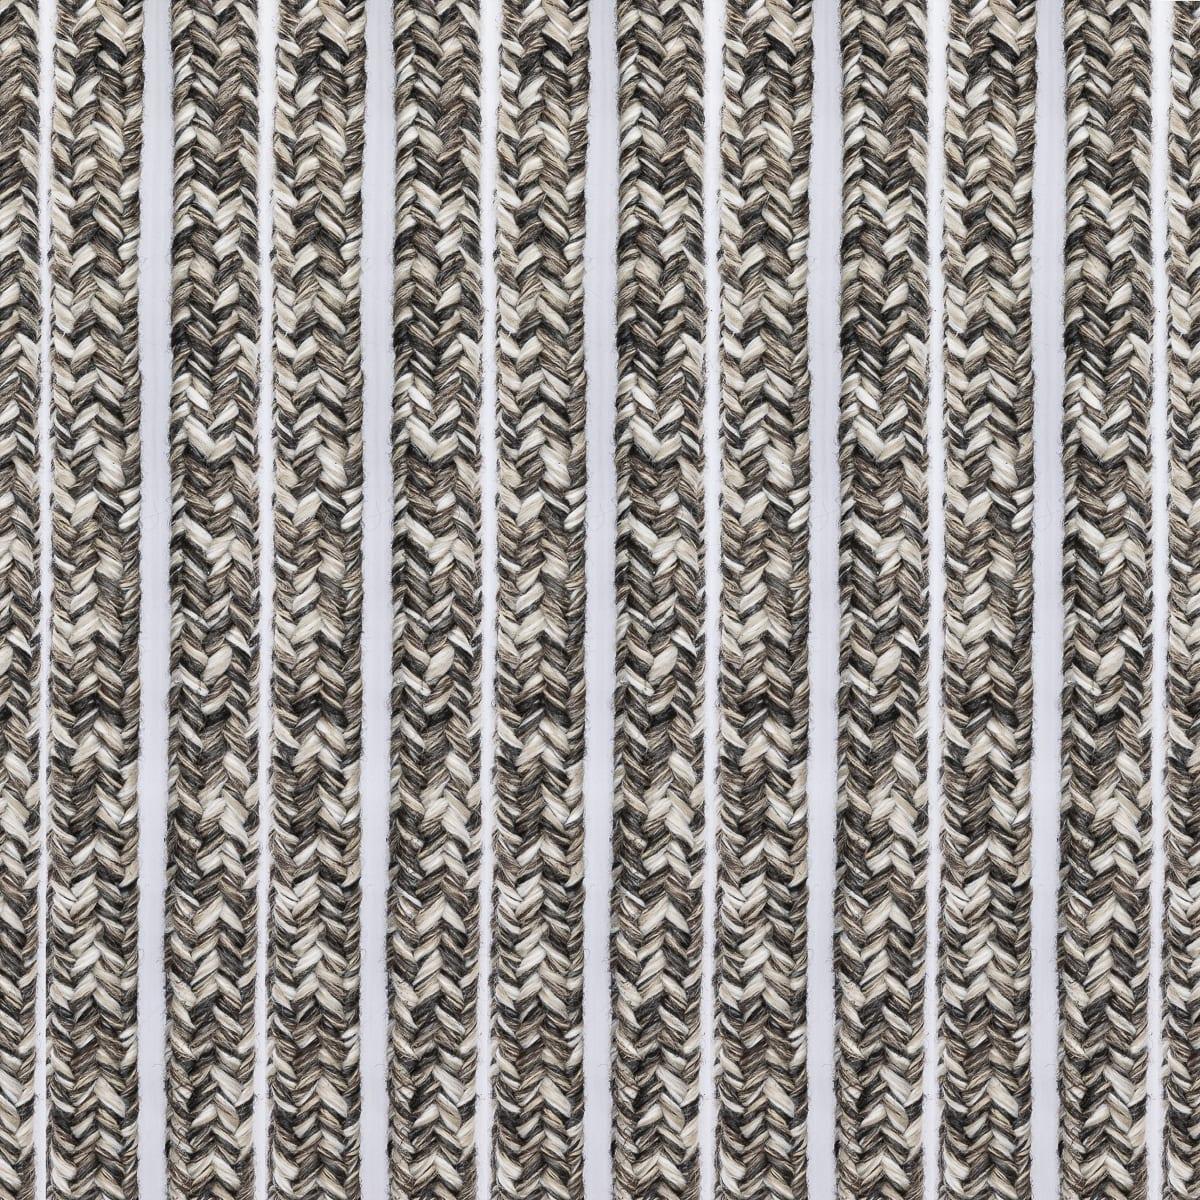 Bungaro rope